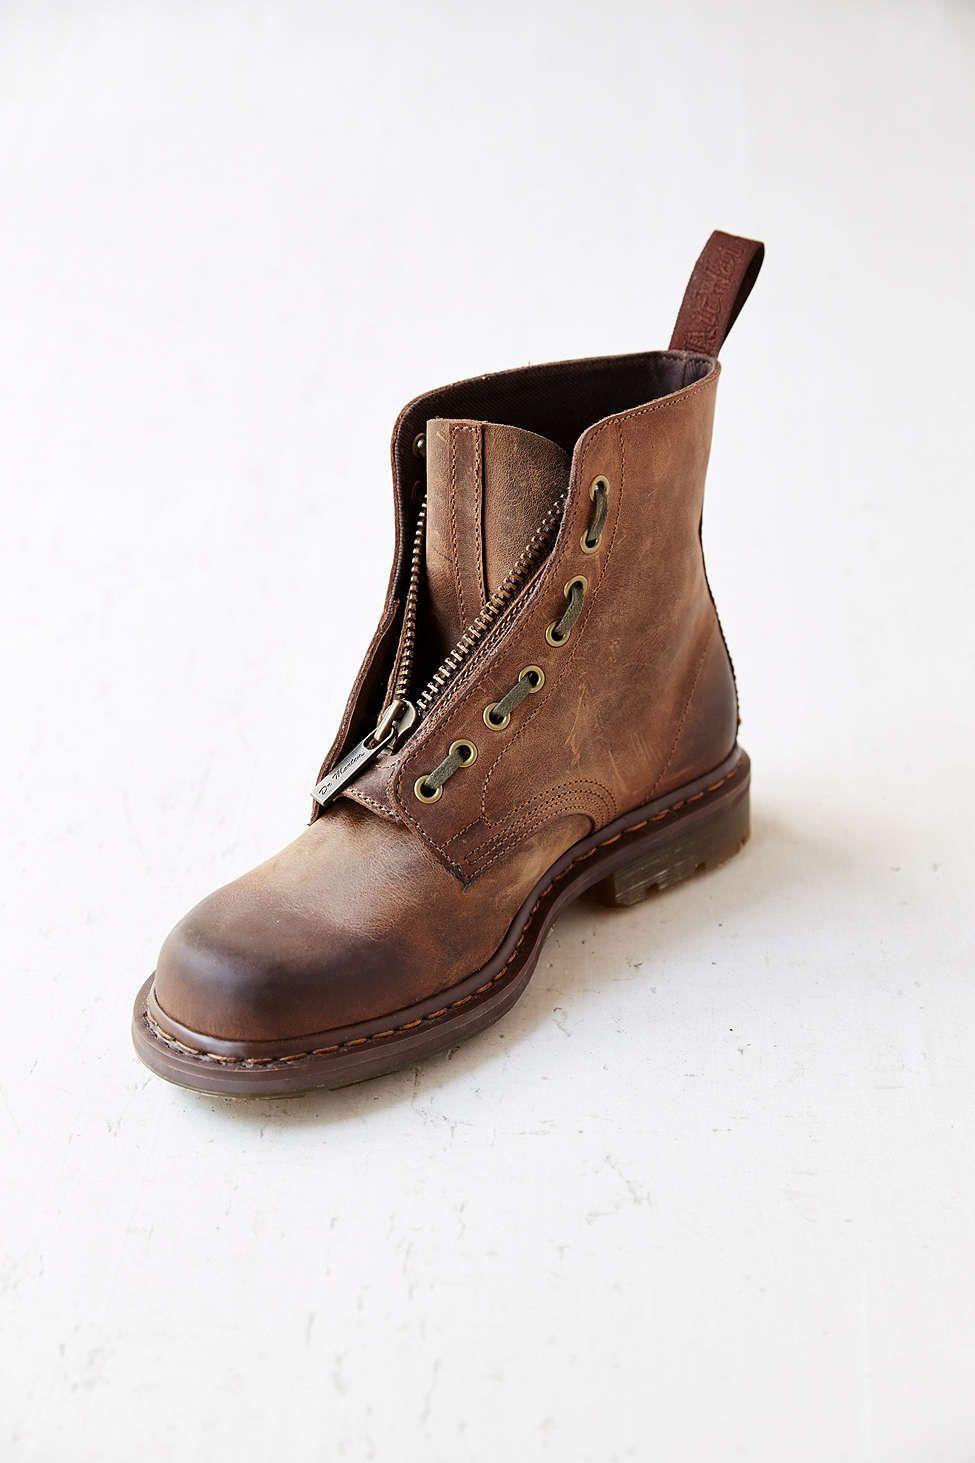 Dope Dr Boot Urban Jungle Outfitters Jace Martens Plain Pinterest q67nqT0x